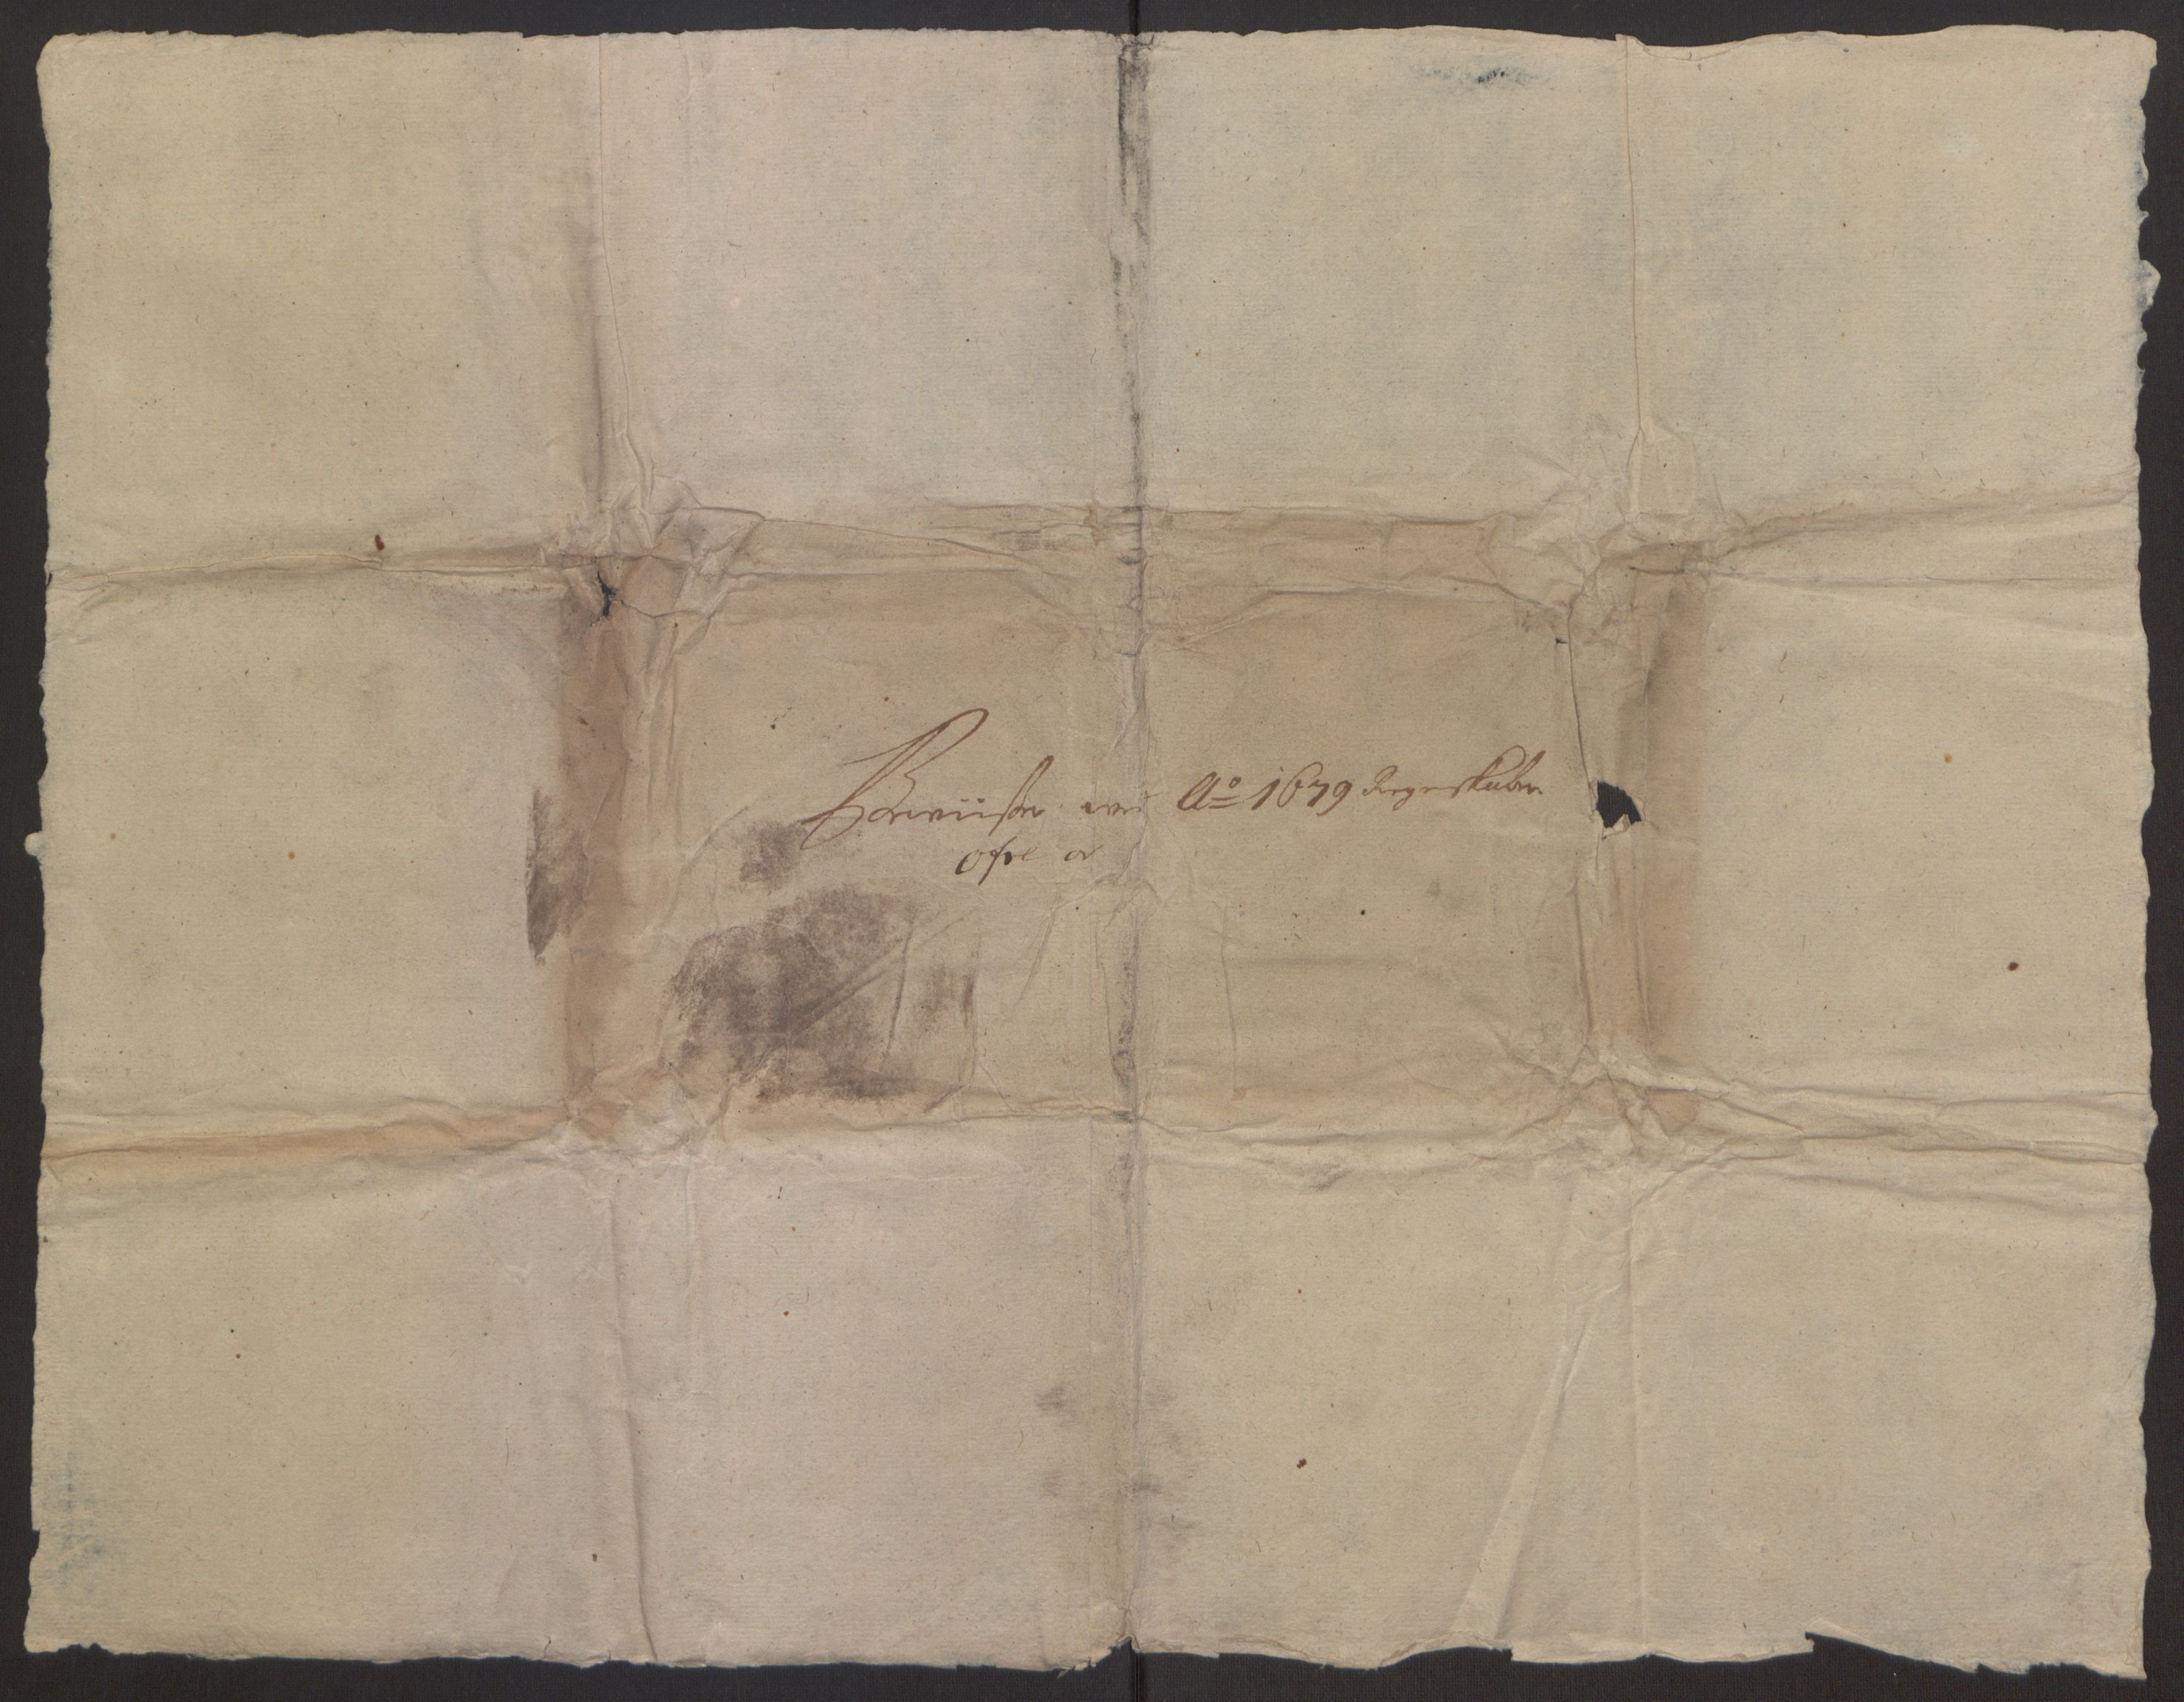 RA, Rentekammeret inntil 1814, Reviderte regnskaper, Fogderegnskap, R35/L2074: Fogderegnskap Øvre og Nedre Telemark, 1679, s. 165